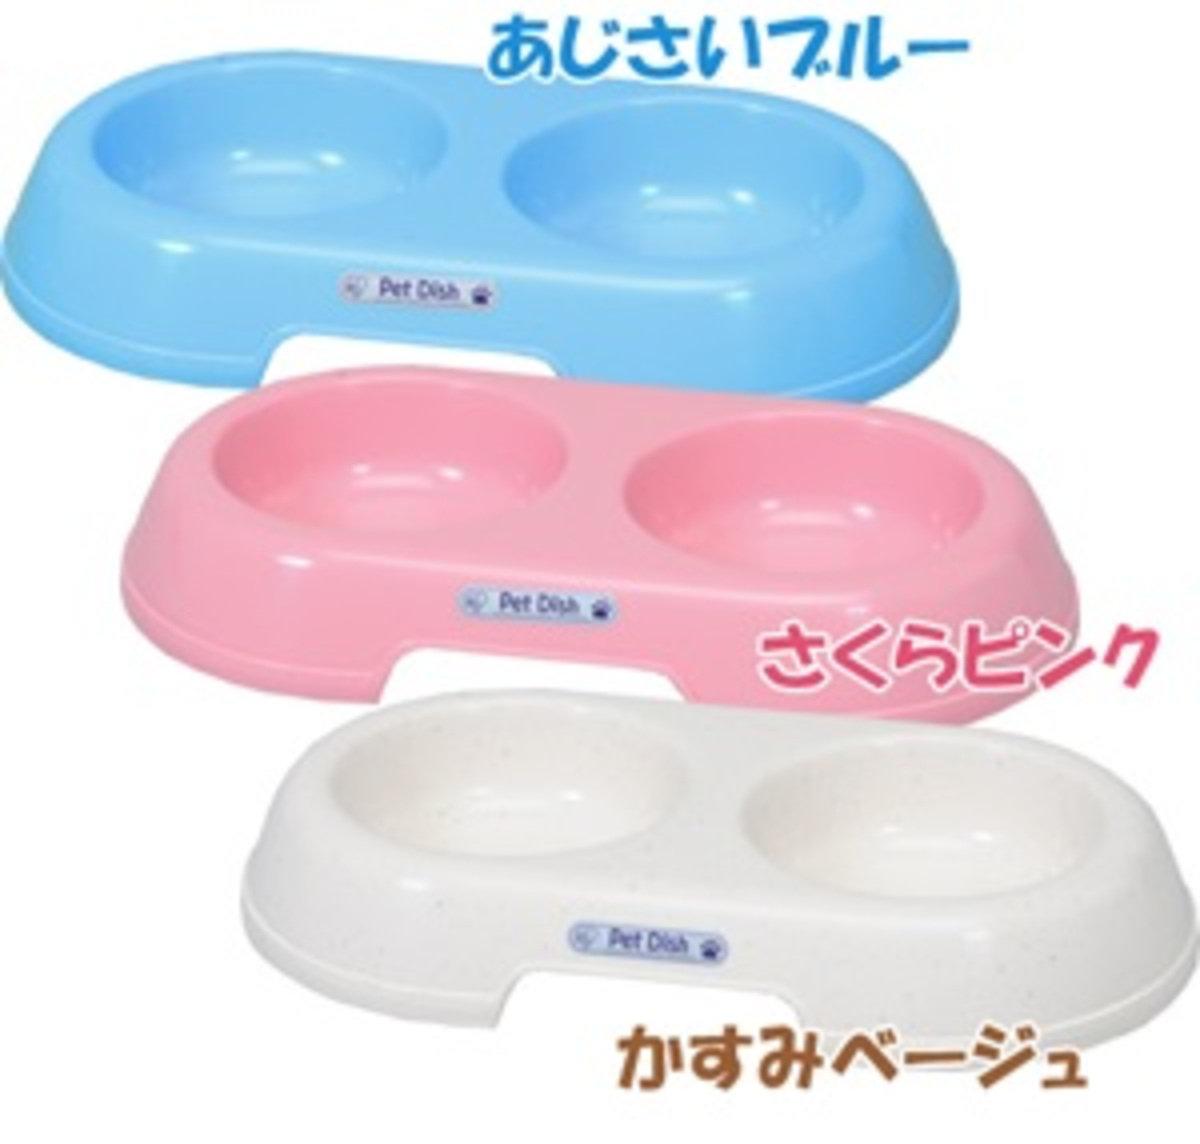 日本 IRIS 寵物雙用碗 - 綠色